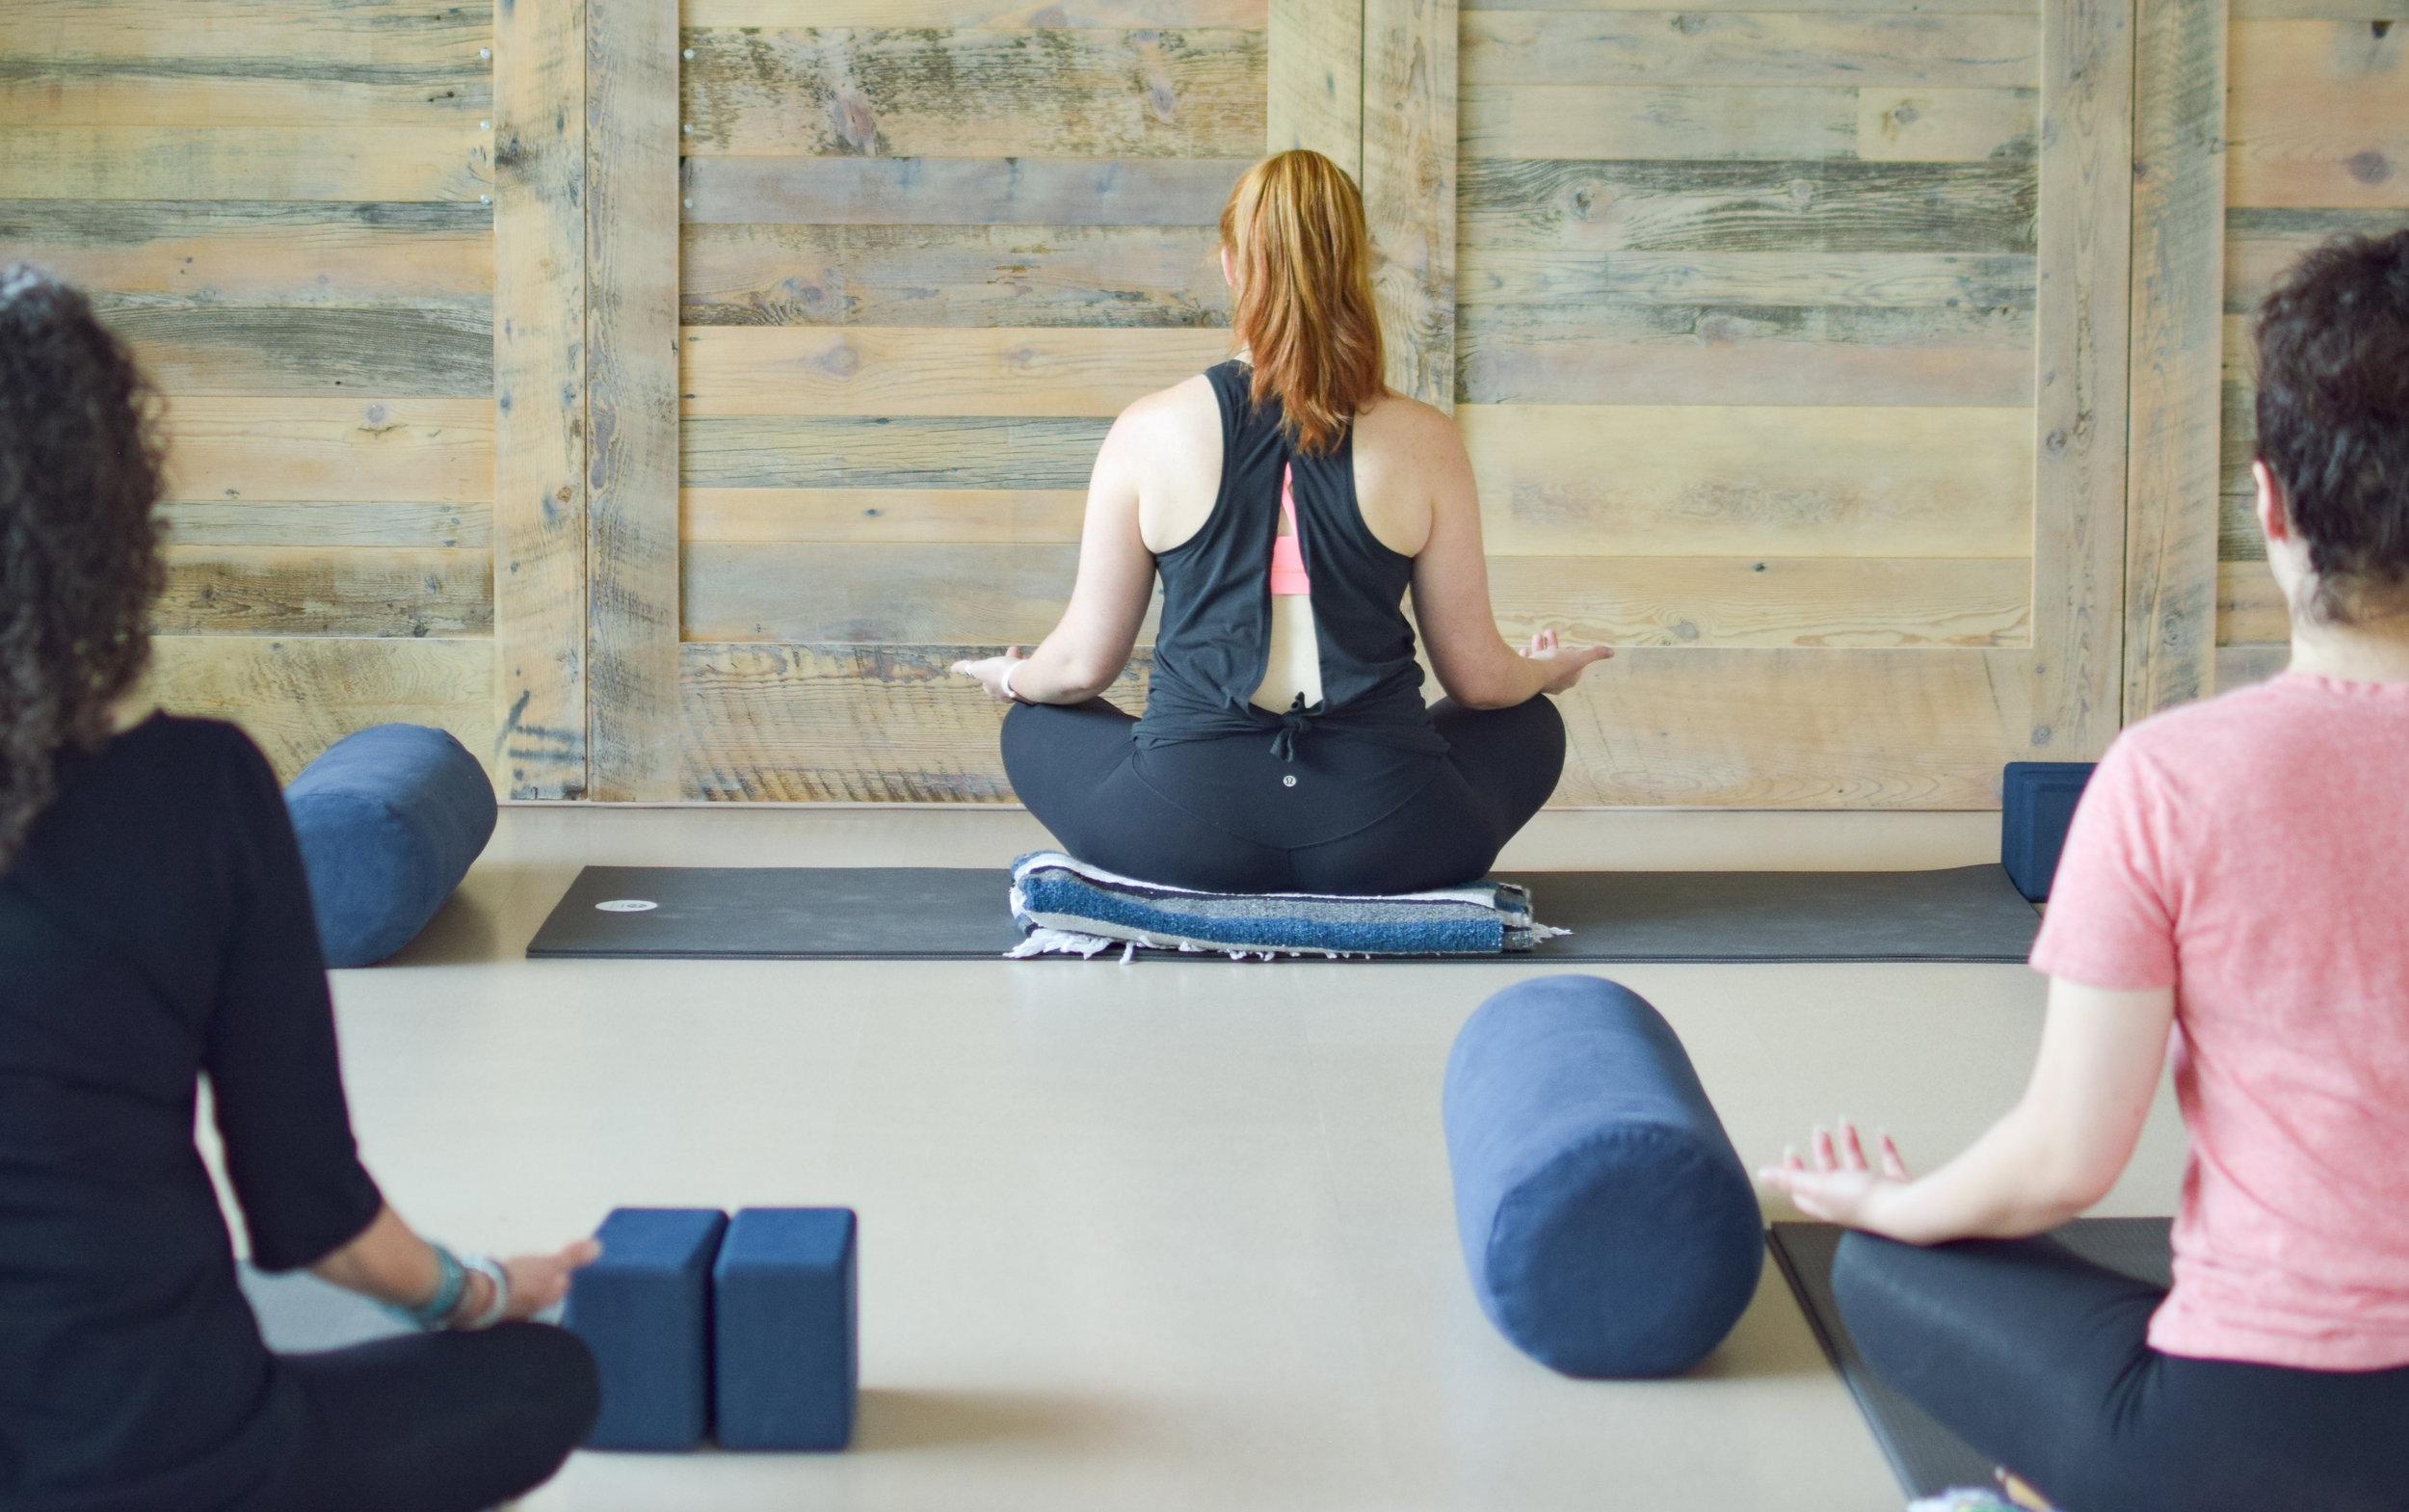 3_meditating_close_up.jpg